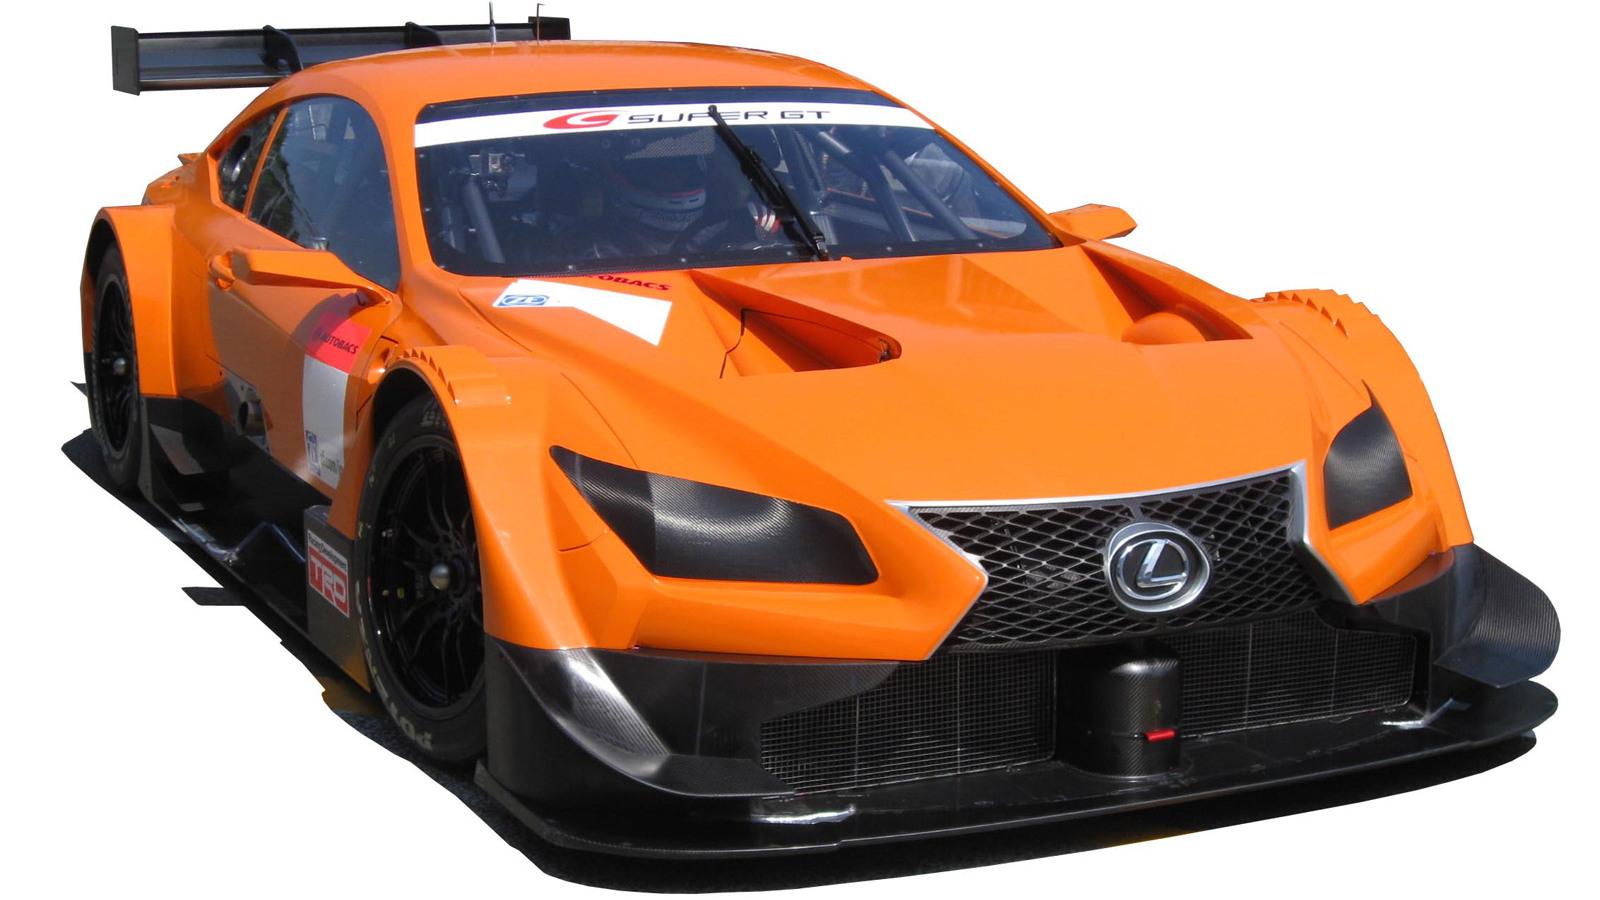 2014 Lexus RC GT500 Super GT race car